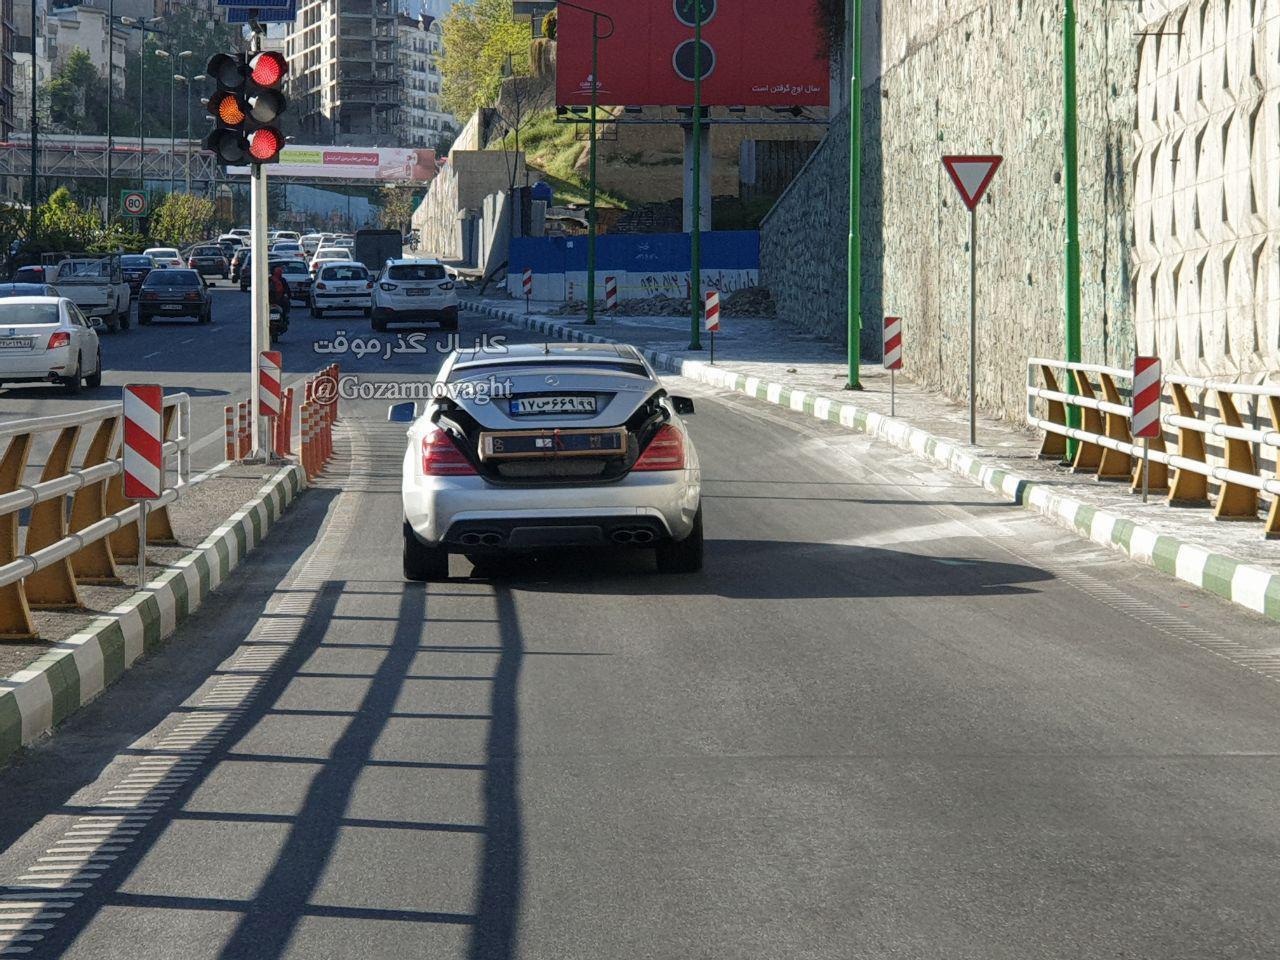 حمل بار با مرسدس بنز در تهران! + عکس